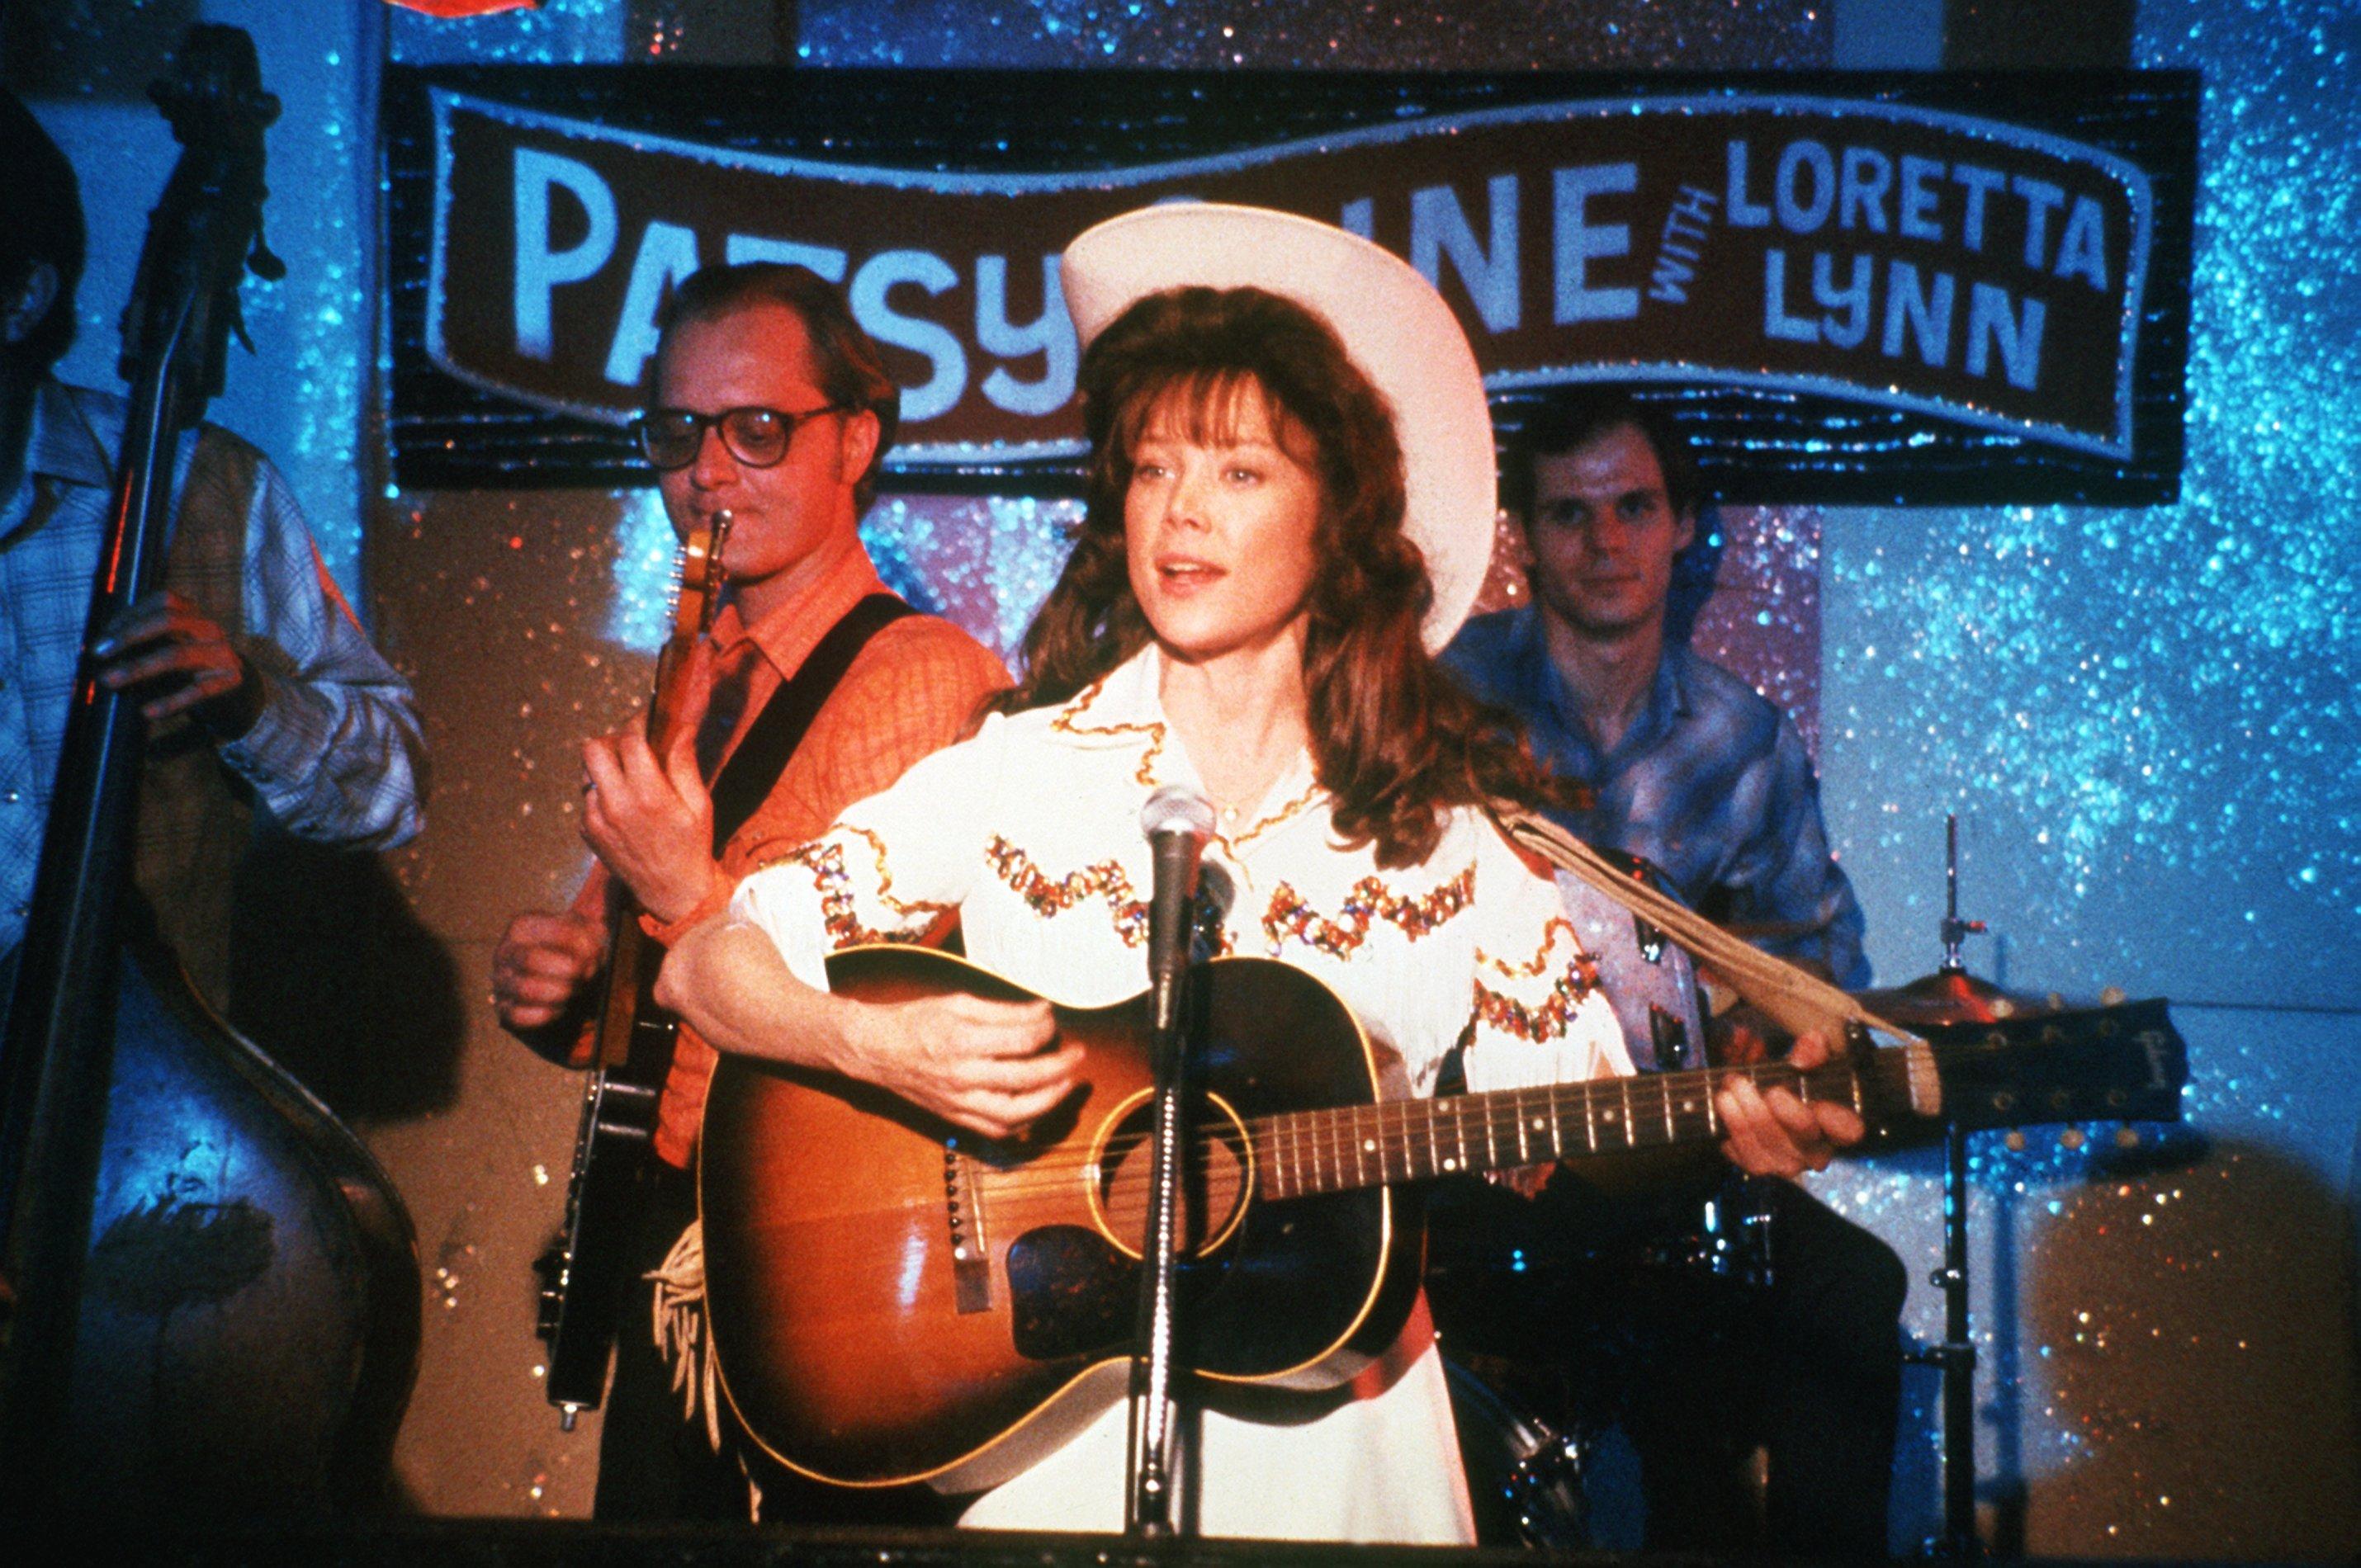 Sissy Spacek als Loretta Lynn in dem Film 'Nashville Lady' 1981. Die durch couragierte Frauenrollen bekannte amerikanische Sc